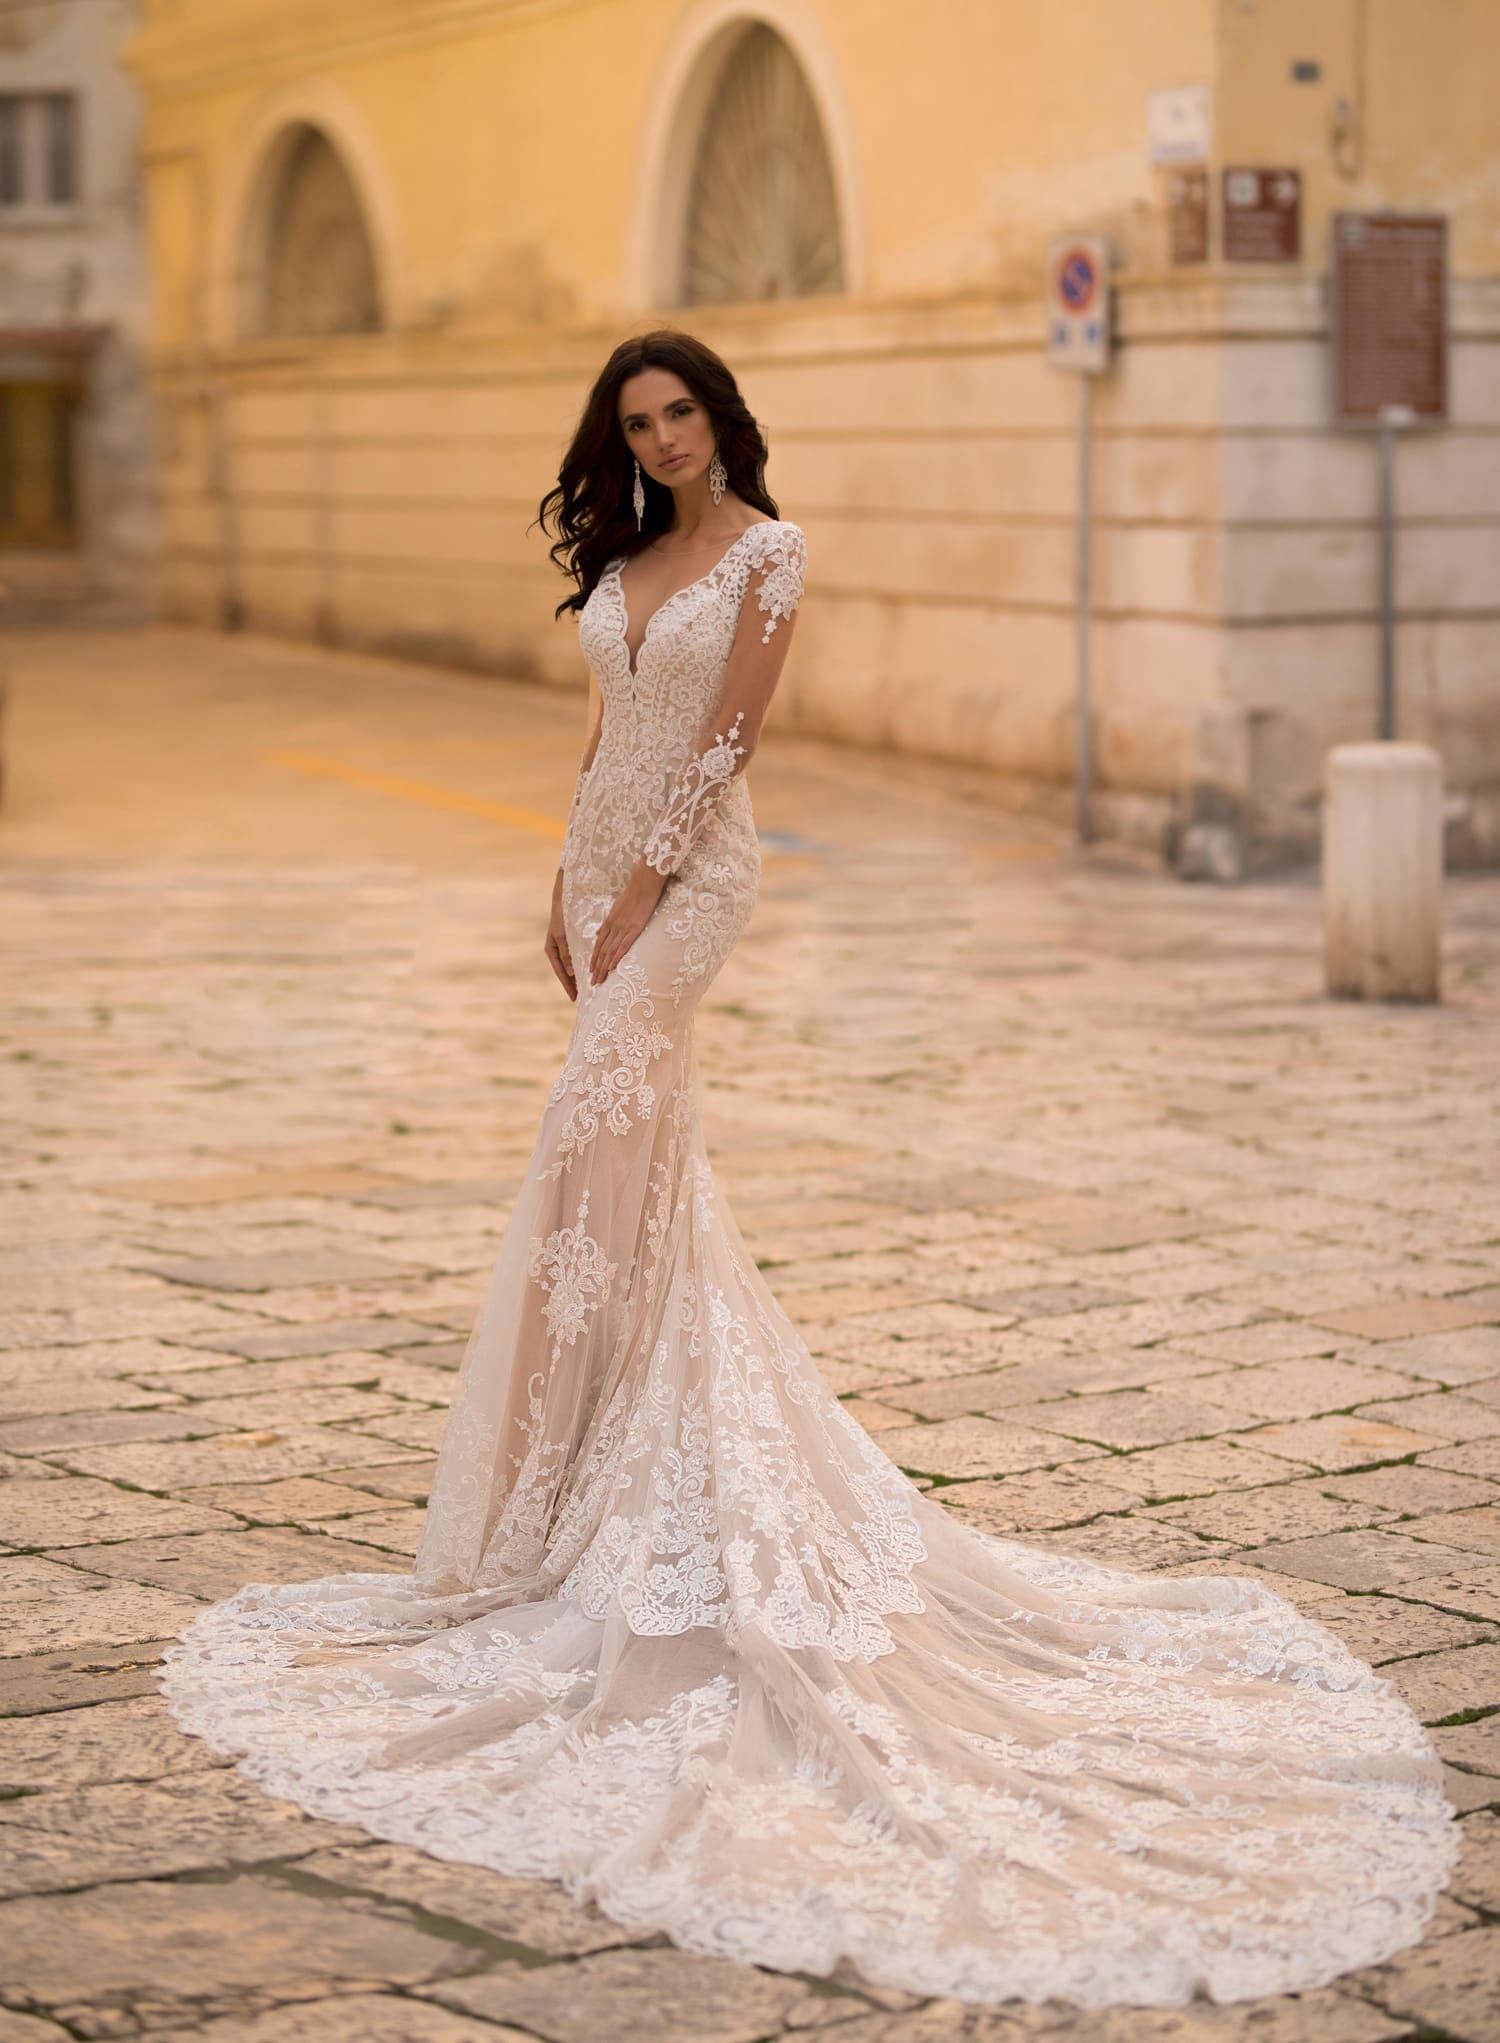 0983a425064d24 Свадебное платье Naviblue Bridal Nolla 20020 ▷ Свадебный Торговый ...